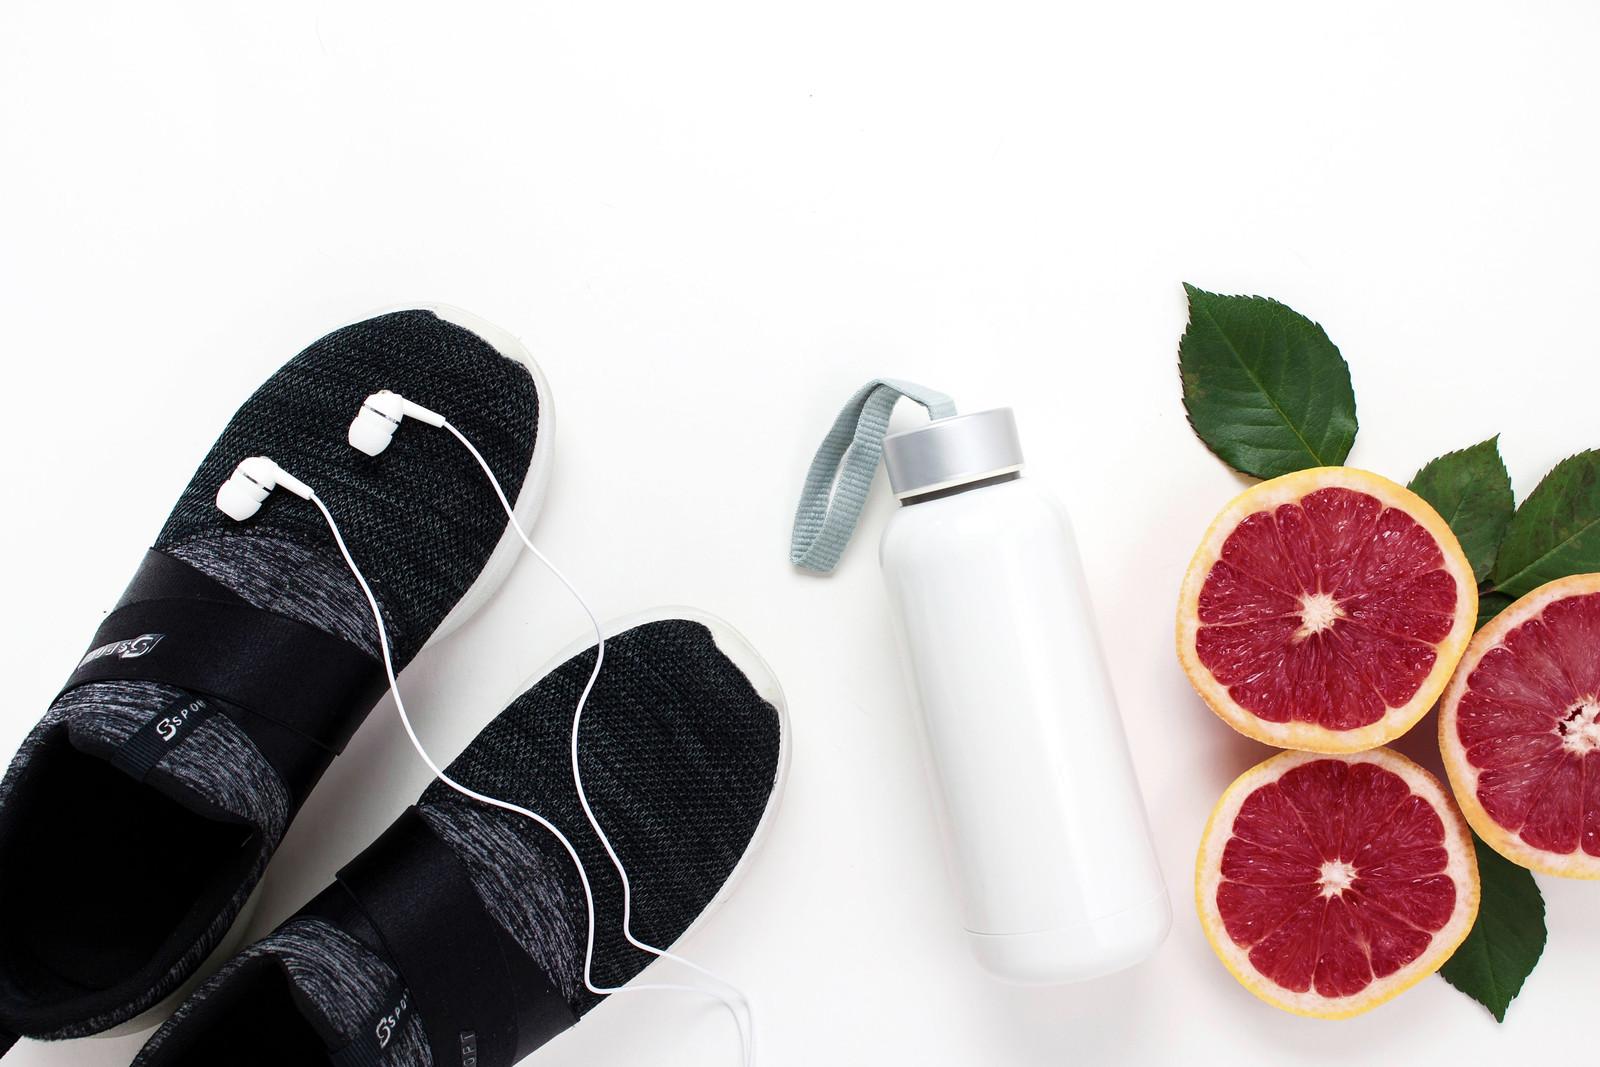 water bottle-footwear-fruits